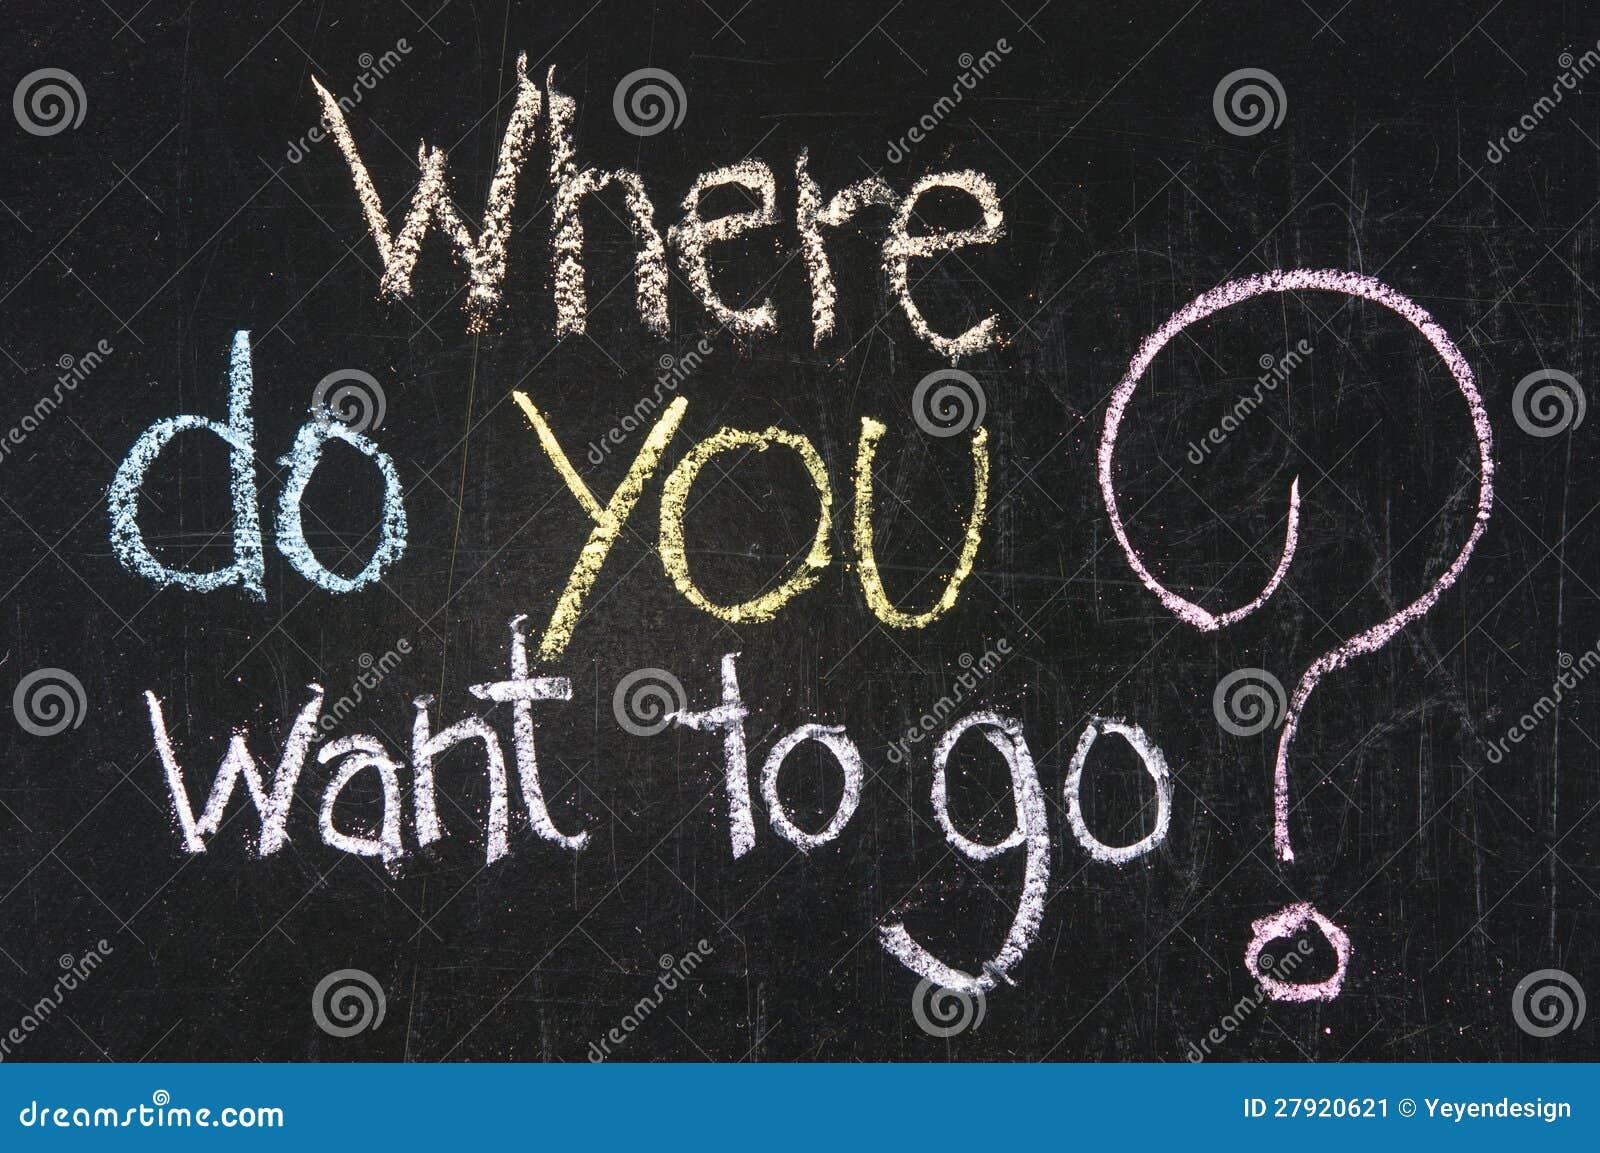 ¿Dónde usted quiere ir?